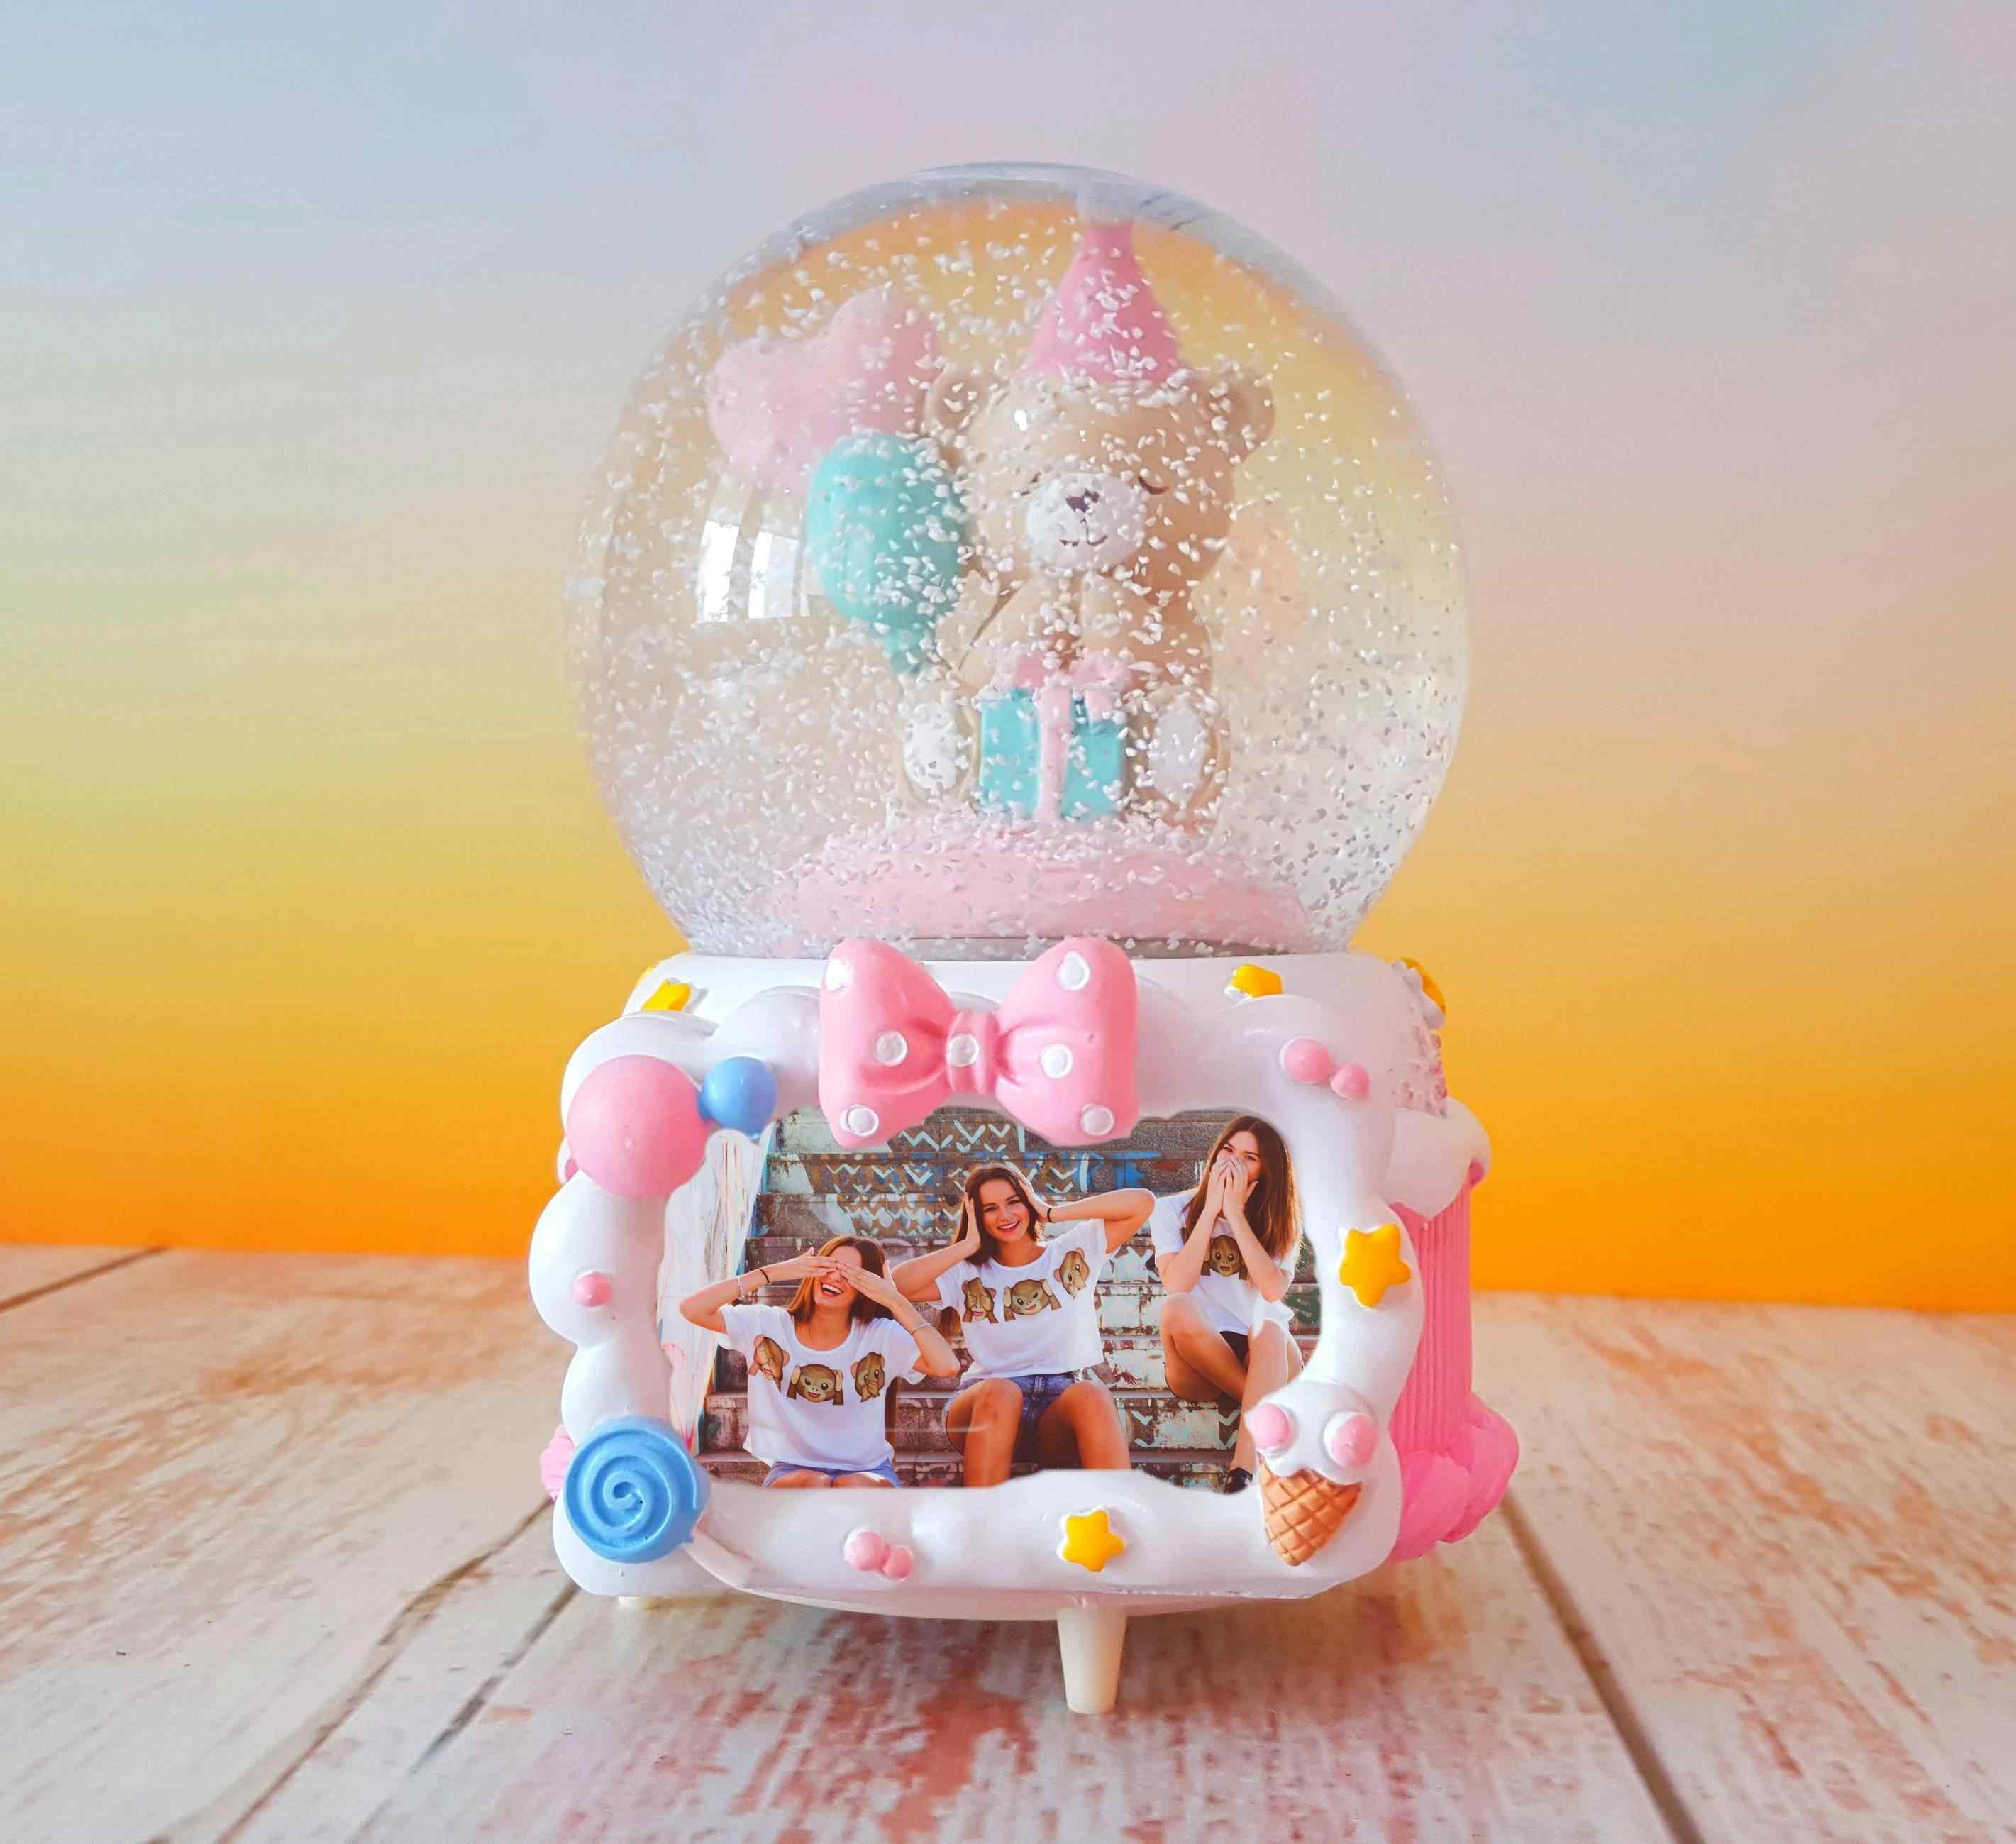 Happy Birthday Müzikli Dönen Doğum Günü Hediyesi Fotoğraflı Kar Küresi